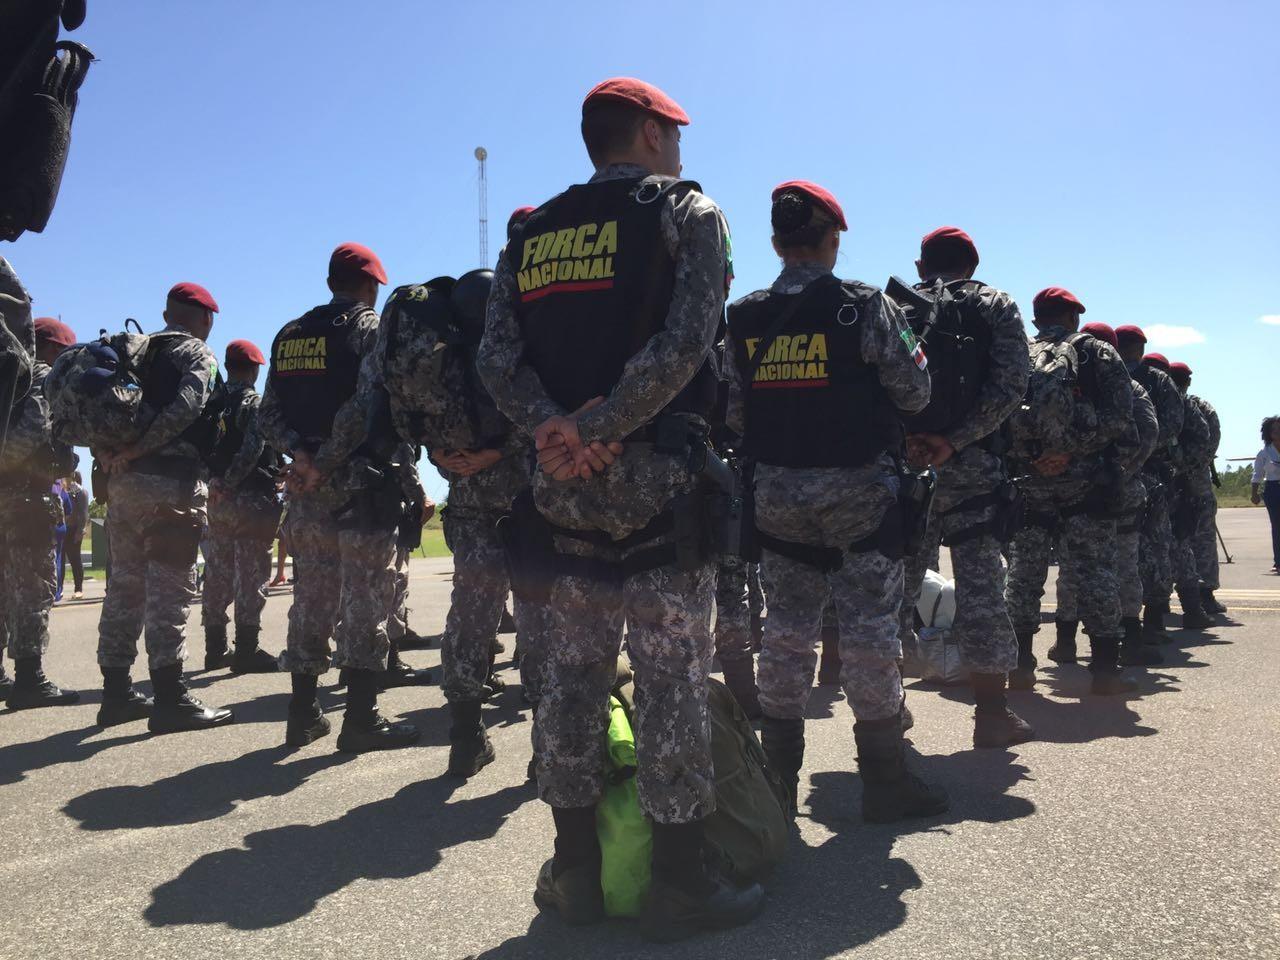 Atuação da Força Nacional em Boa Vista é prorrogada por mais 180 dias